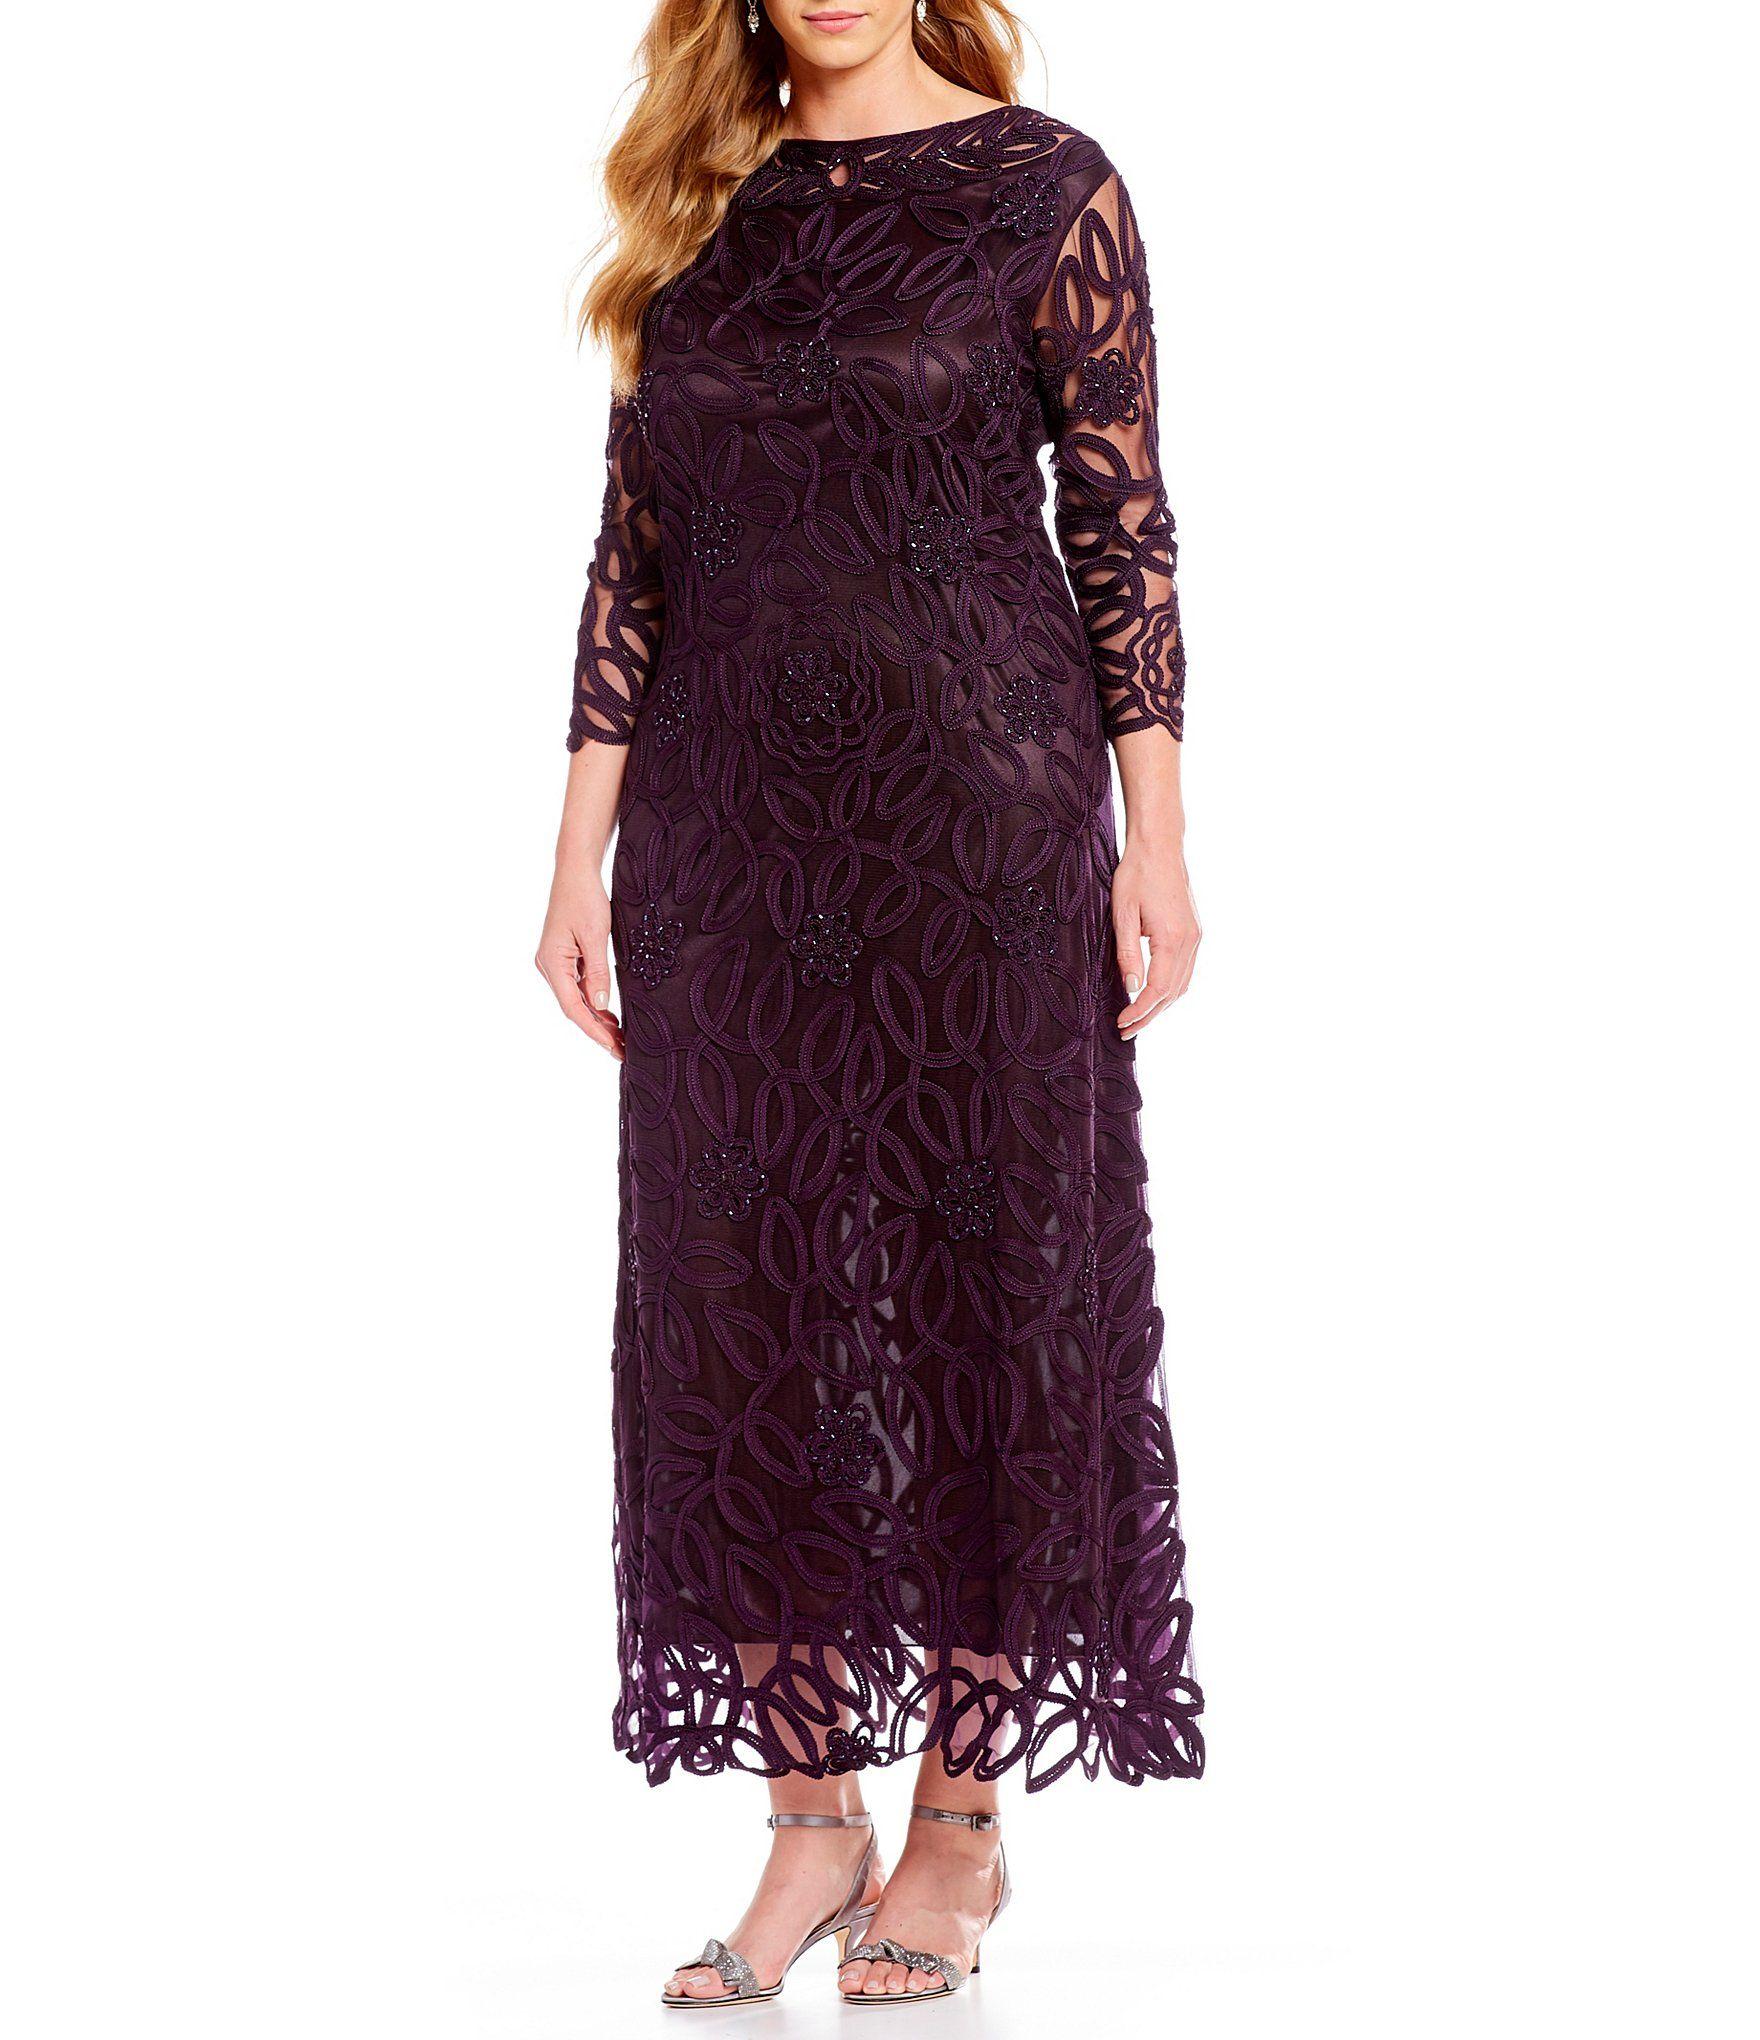 Soulmates Plus Size Soutache 3 4 Sleeve Long Gown Dillards Long Gown Womens Dress Coats Soulmates Dresses [ 2040 x 1760 Pixel ]